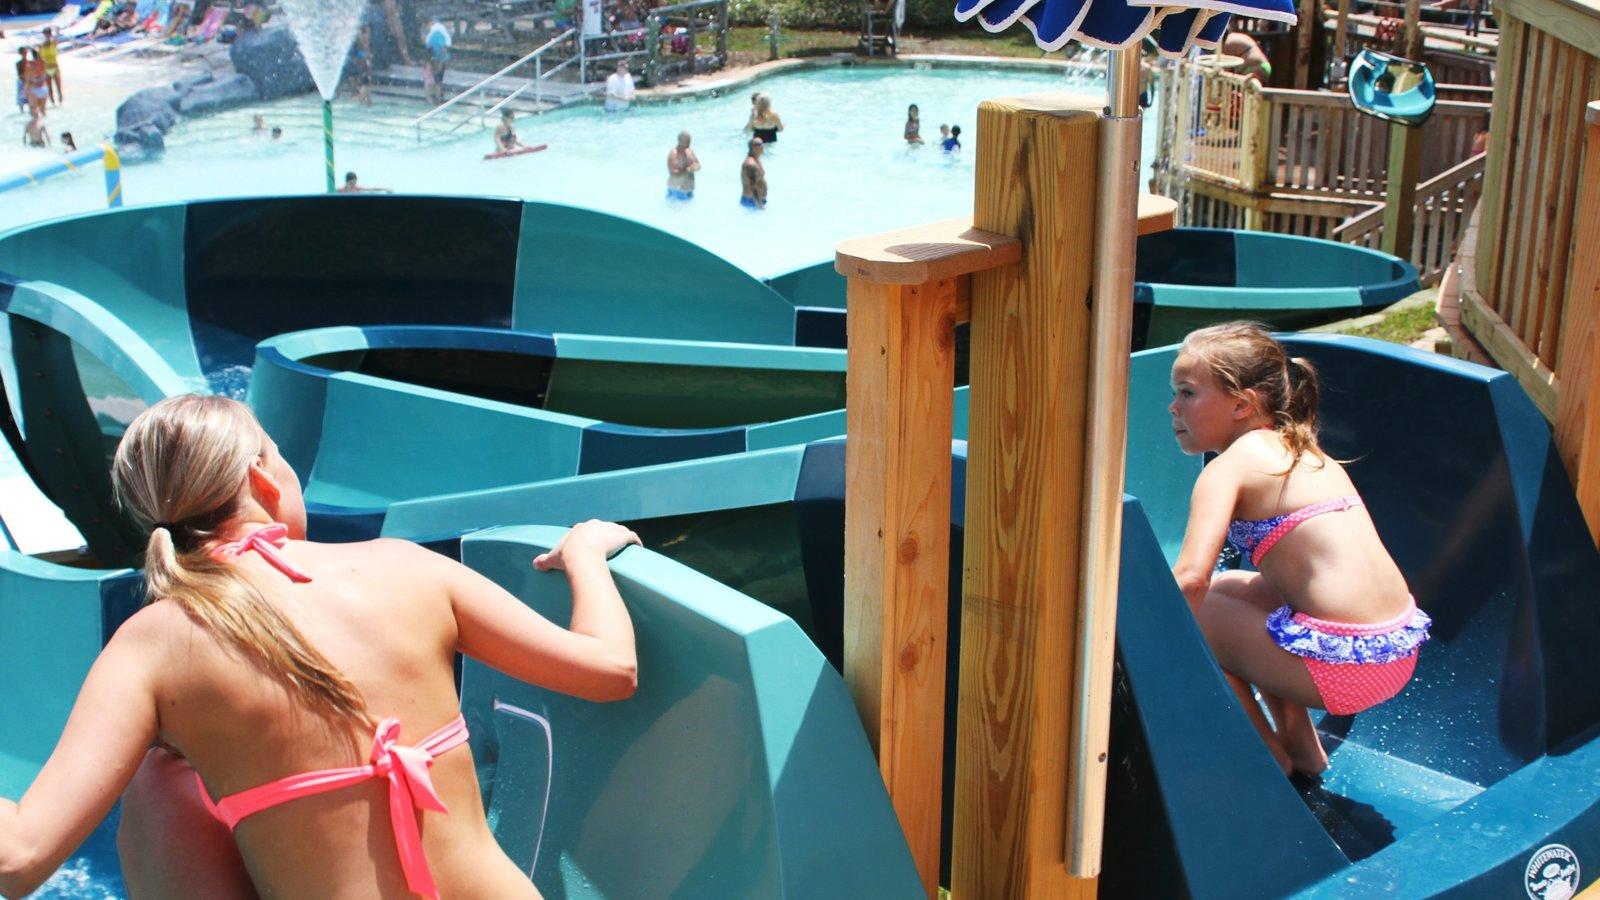 Shipwreck Island Waterpark caracterizando um parque aquático